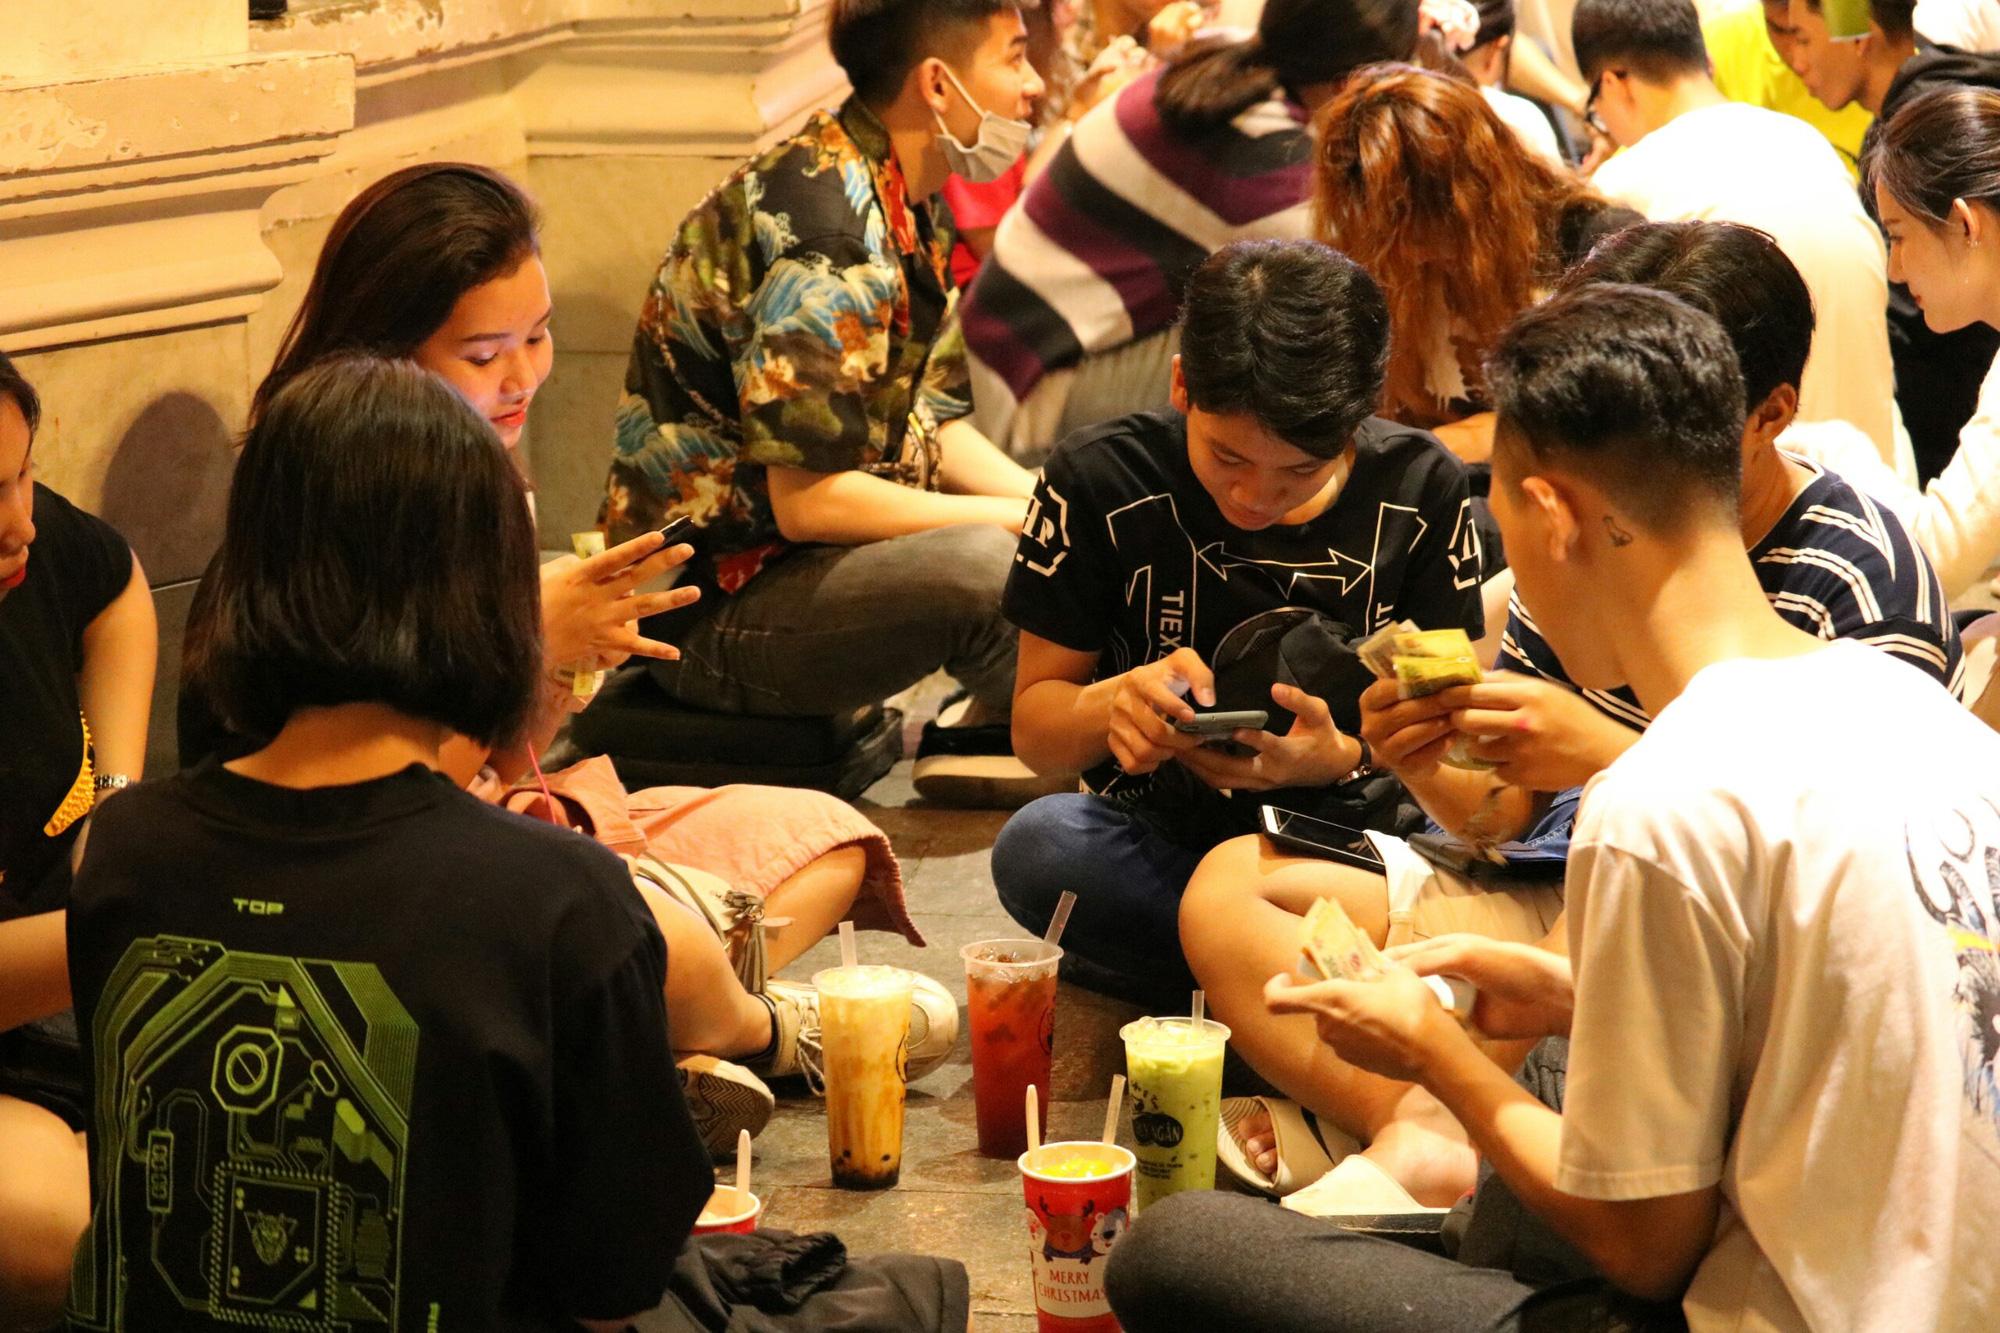 Người dân TP HCM kéo nhau đi săn sale, xem phim, uống trà sữa đến kẹt cứng đường - Ảnh 10.